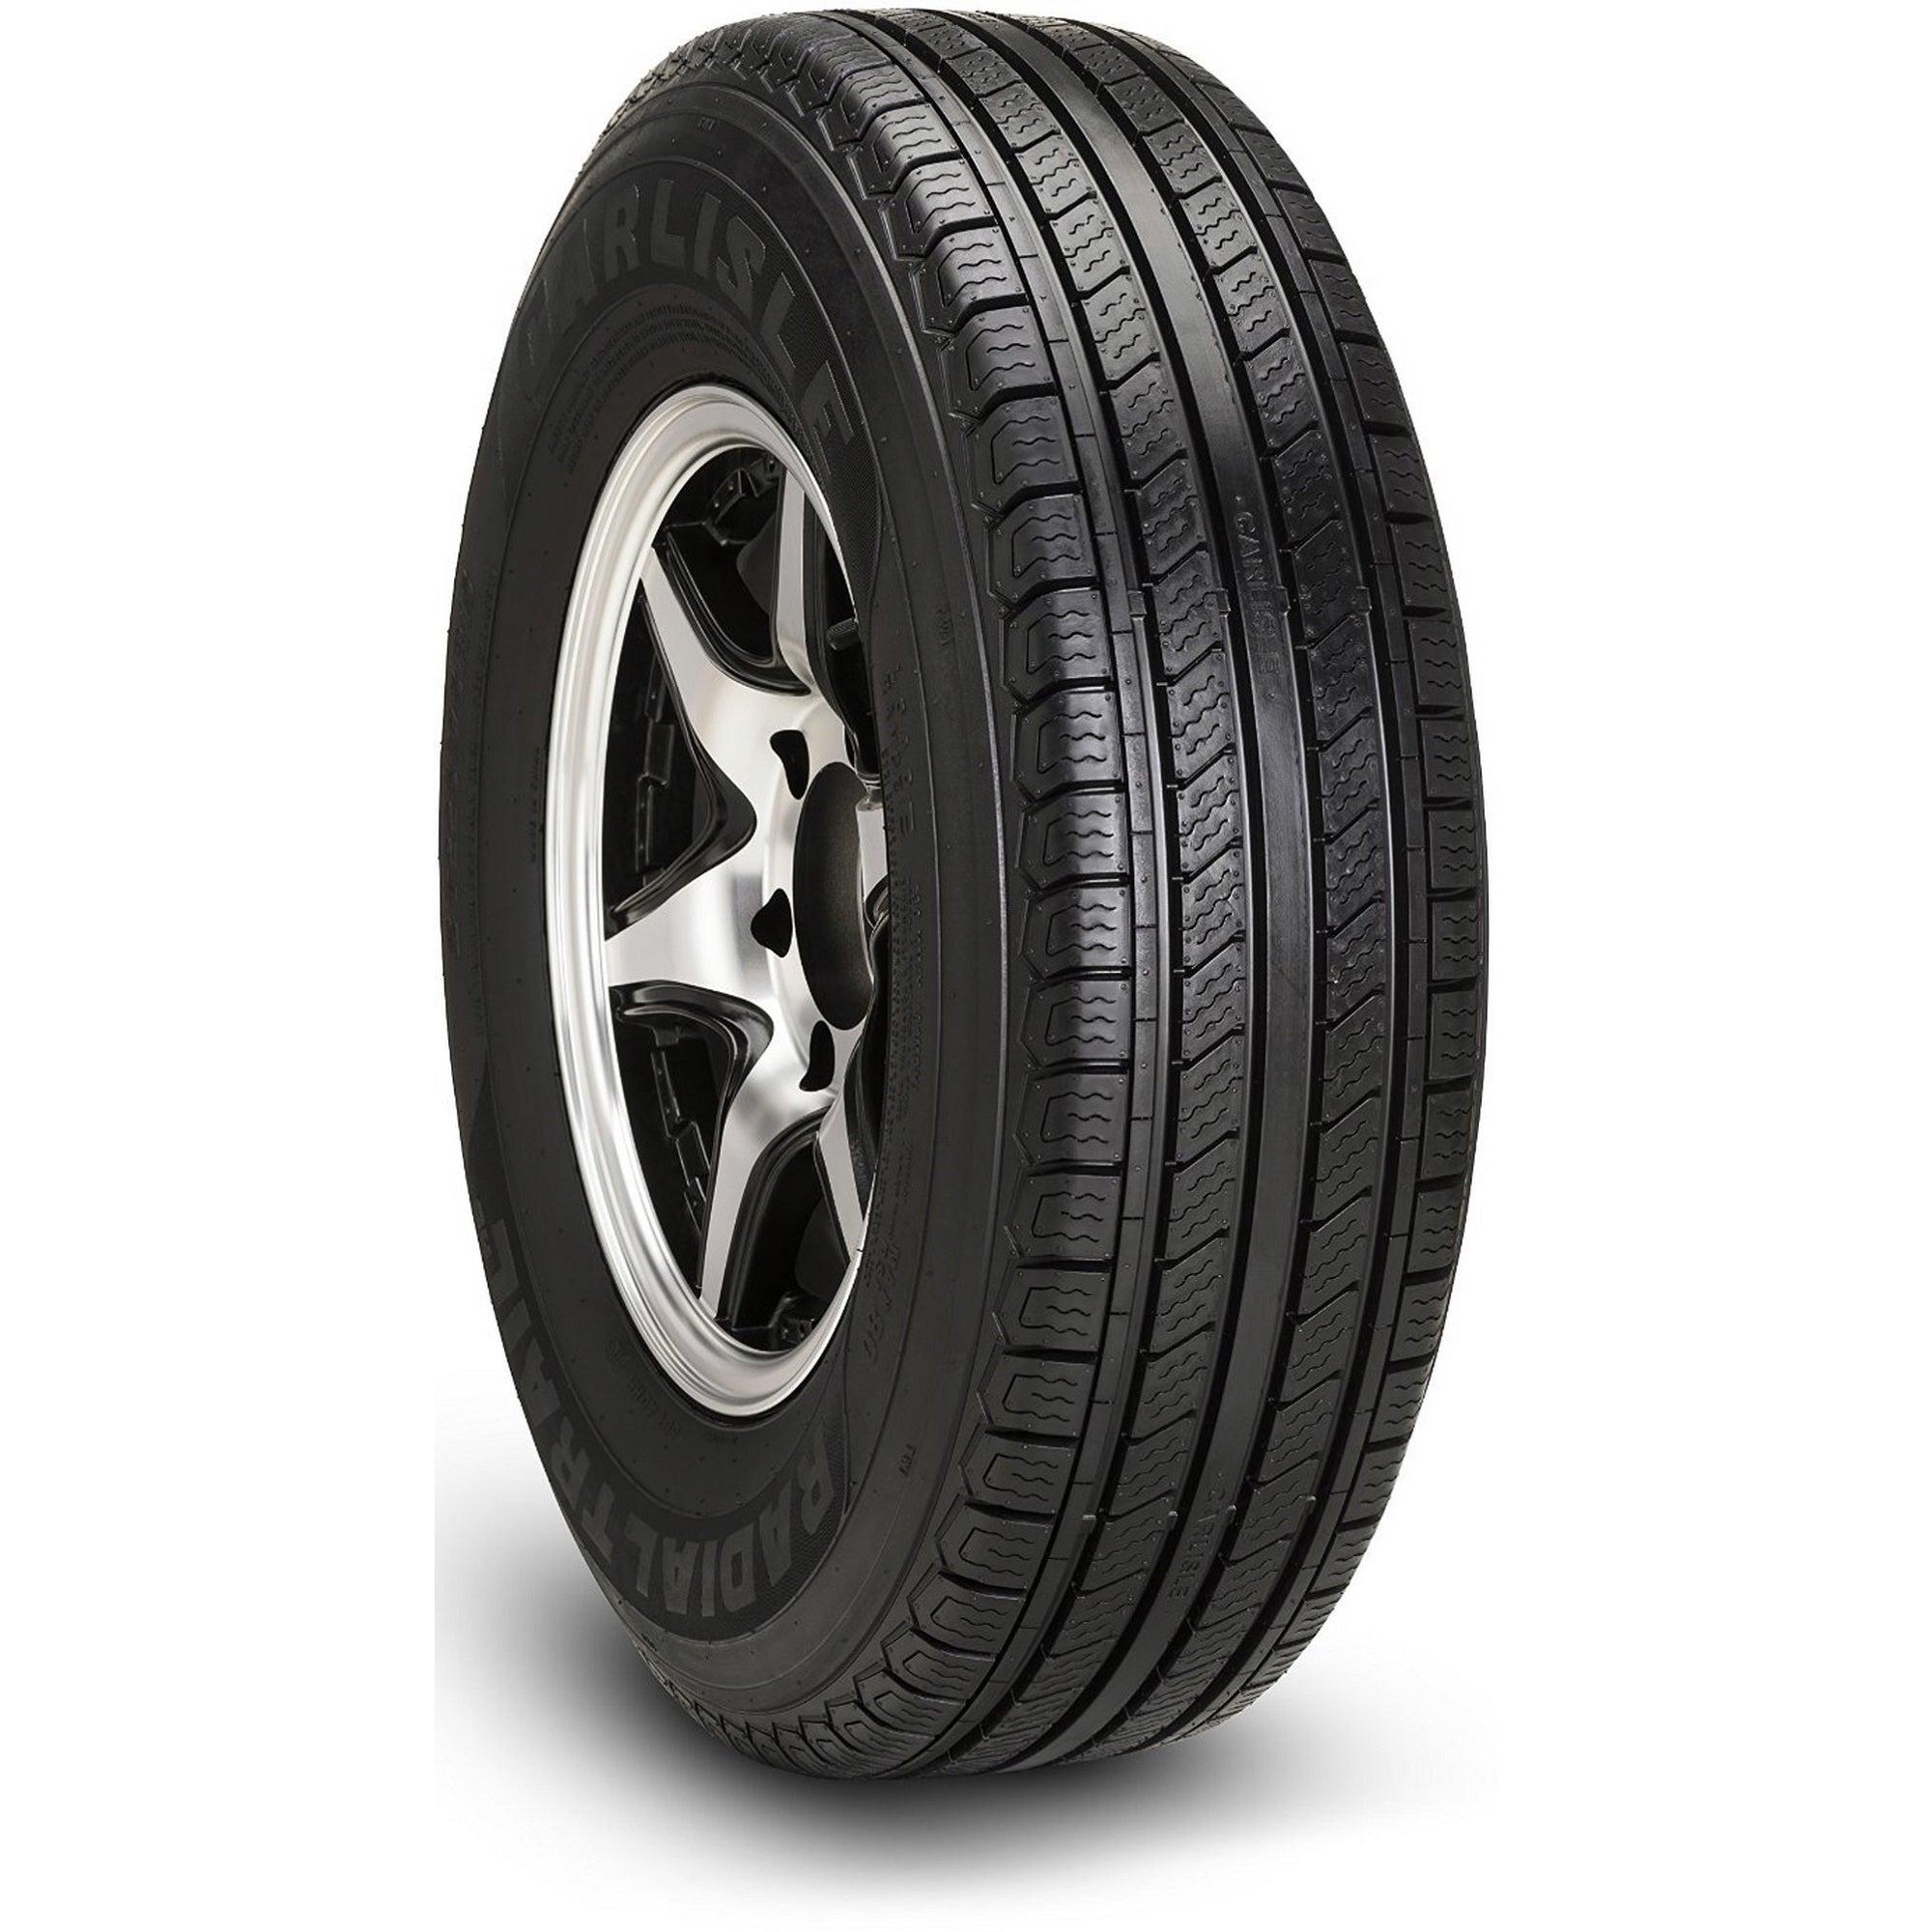 Carlisle Radial Trail HD Trailer Tire - ST215/75R14 LRC/6...